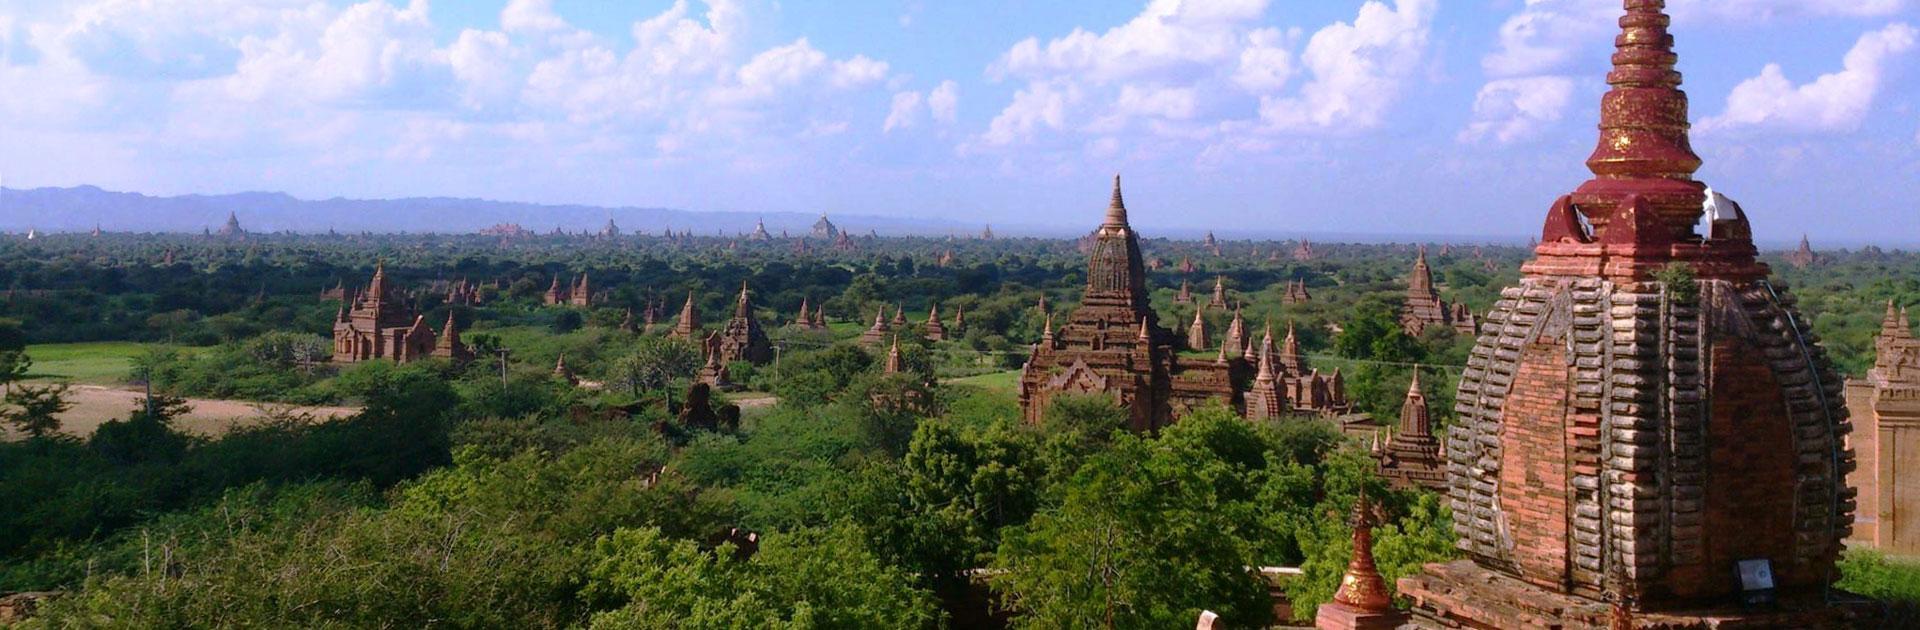 MM Recorriendo Birmania 10 días 2